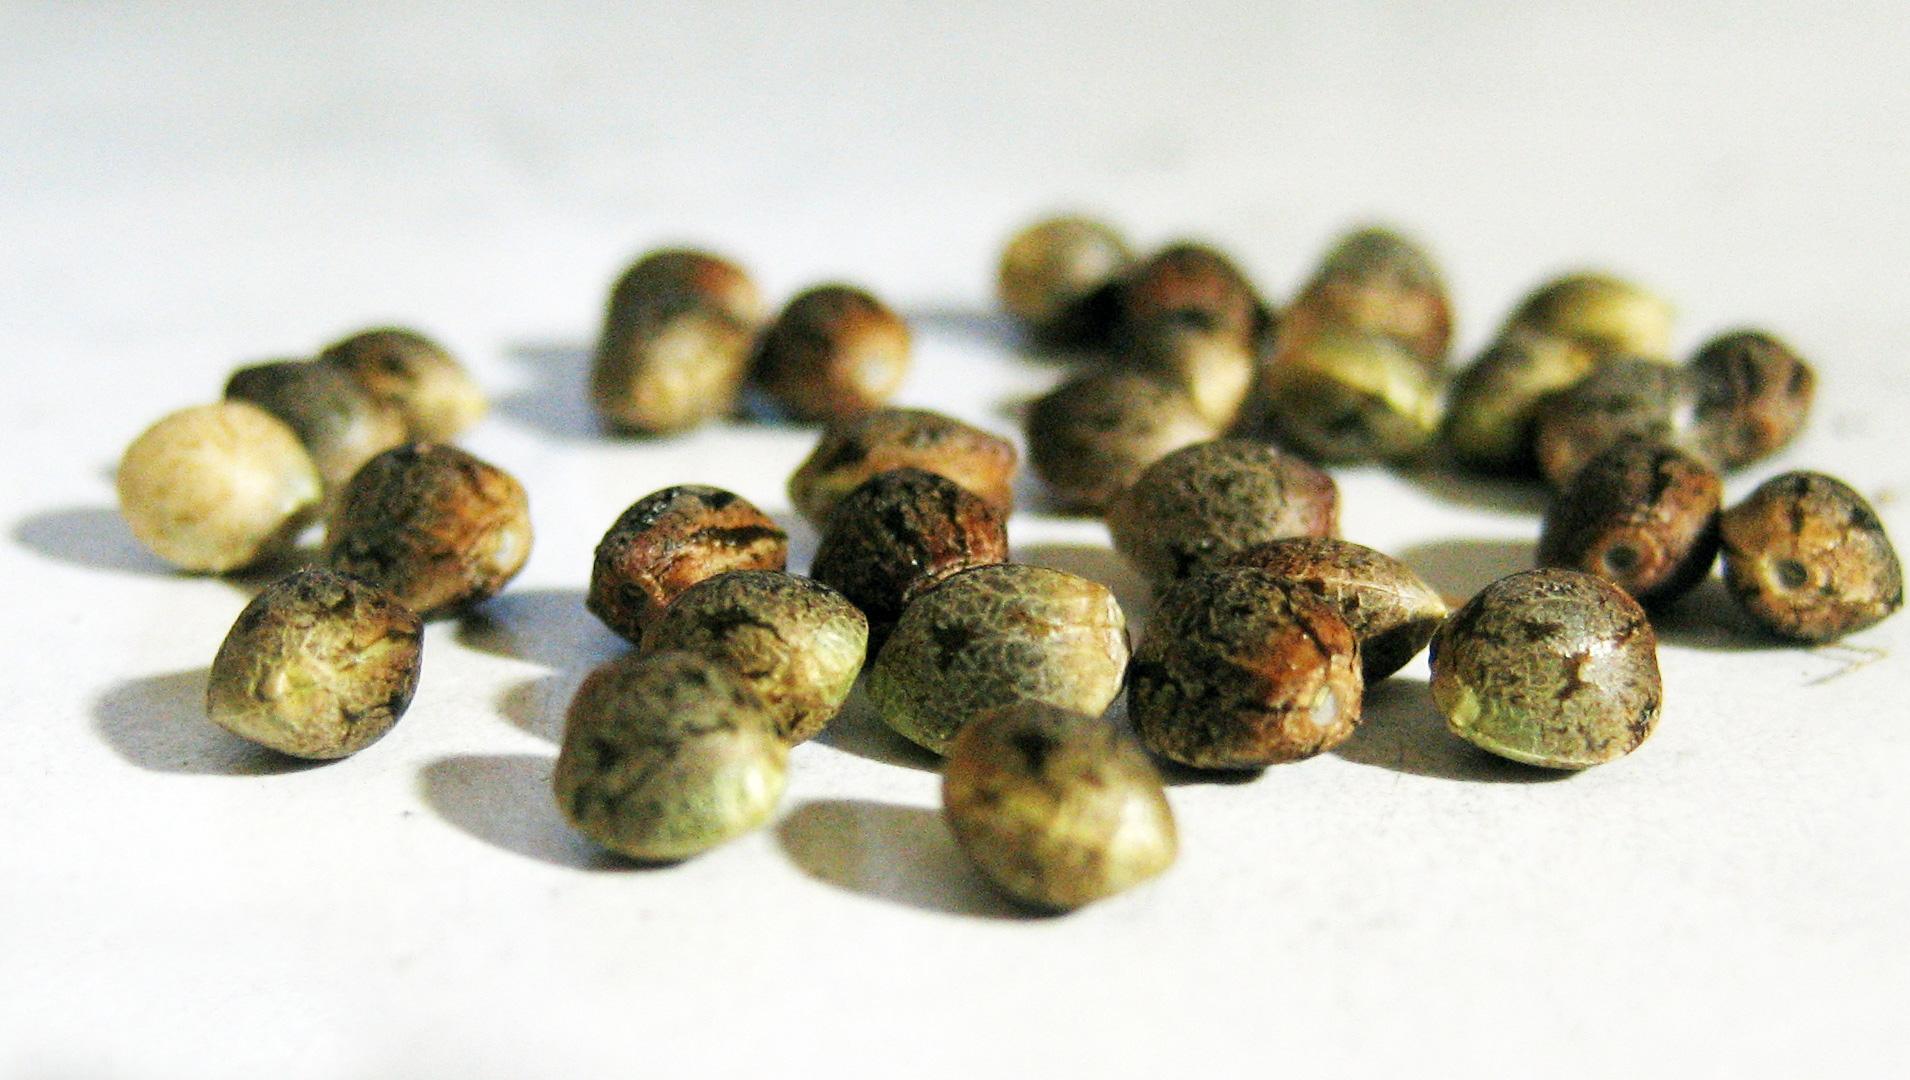 Ce seminte sunt esentiale pentru o buna functionare a organismului?